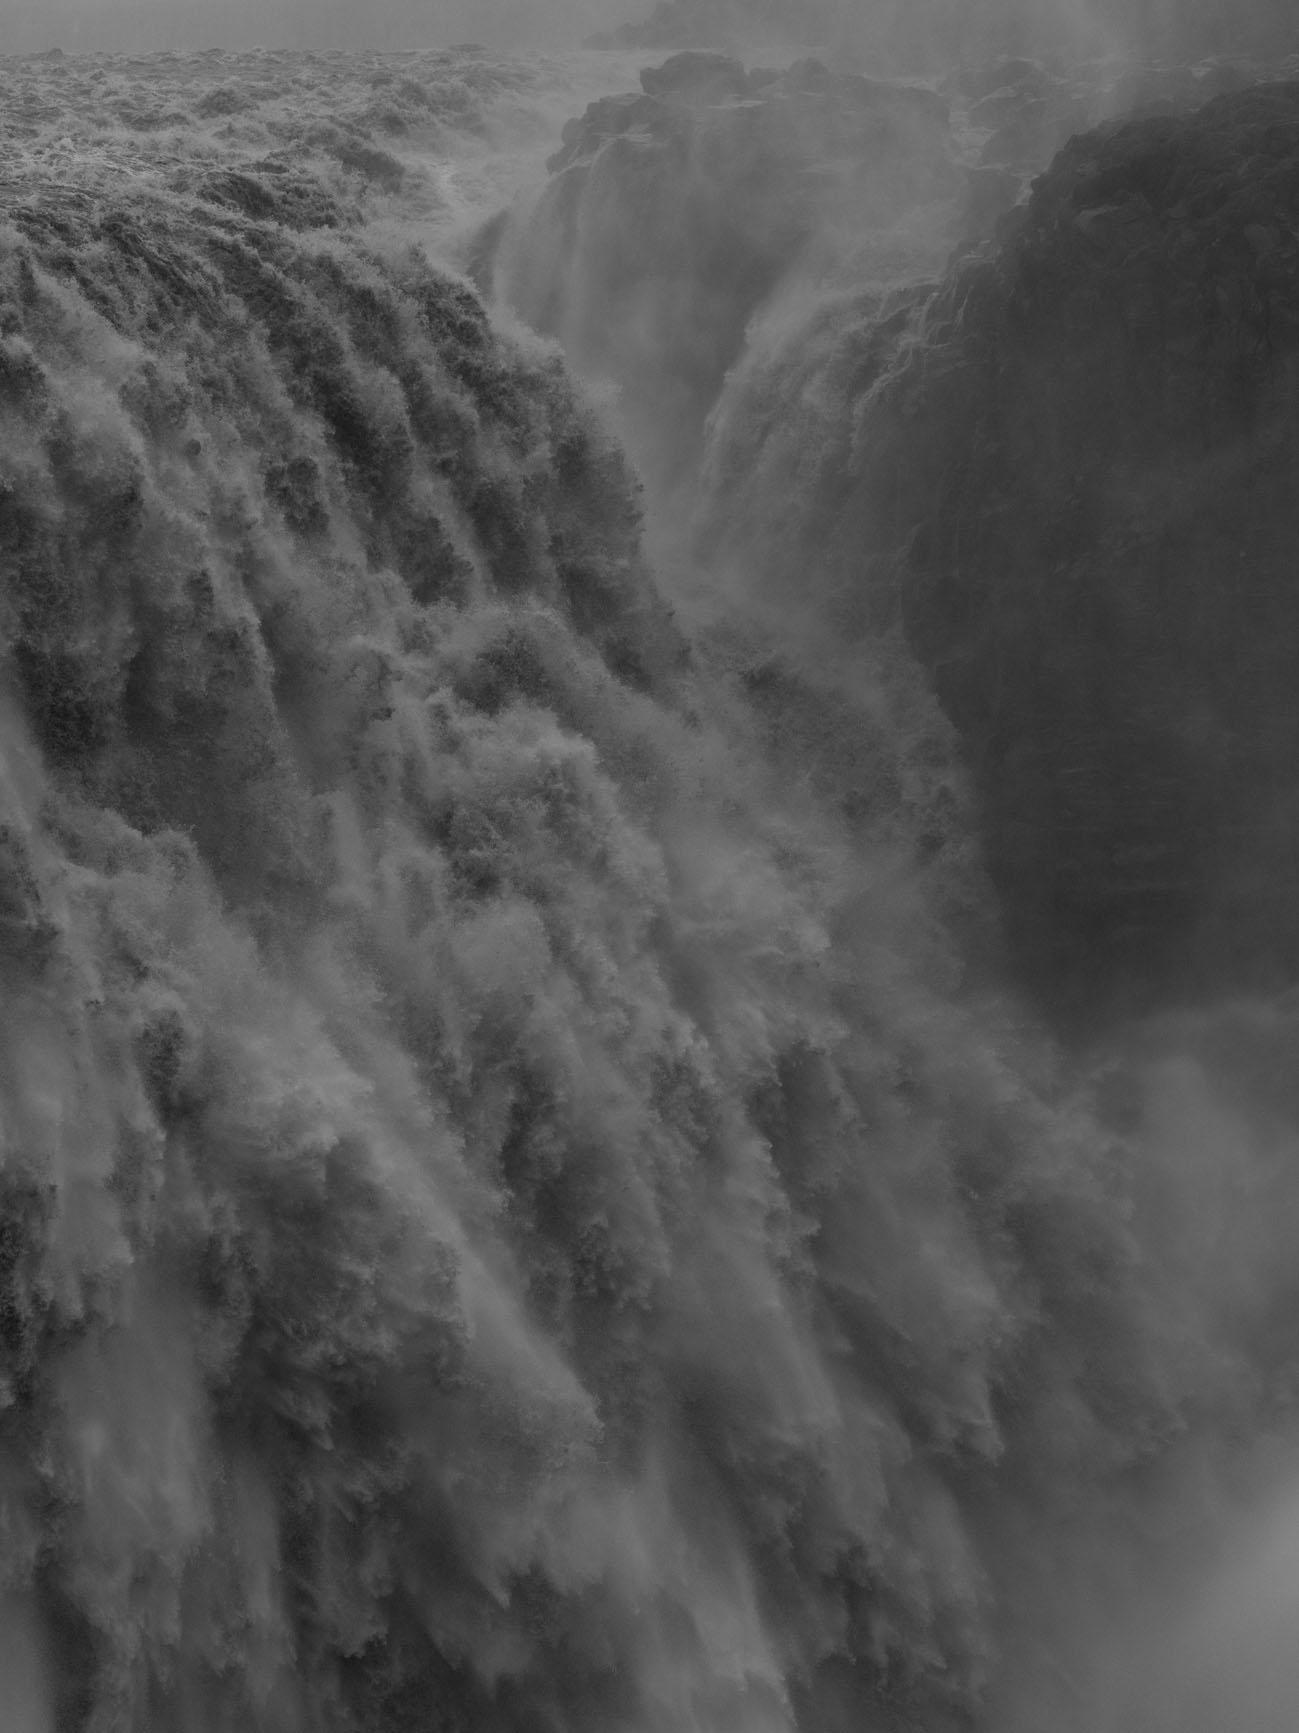 waterfall_045_56x42